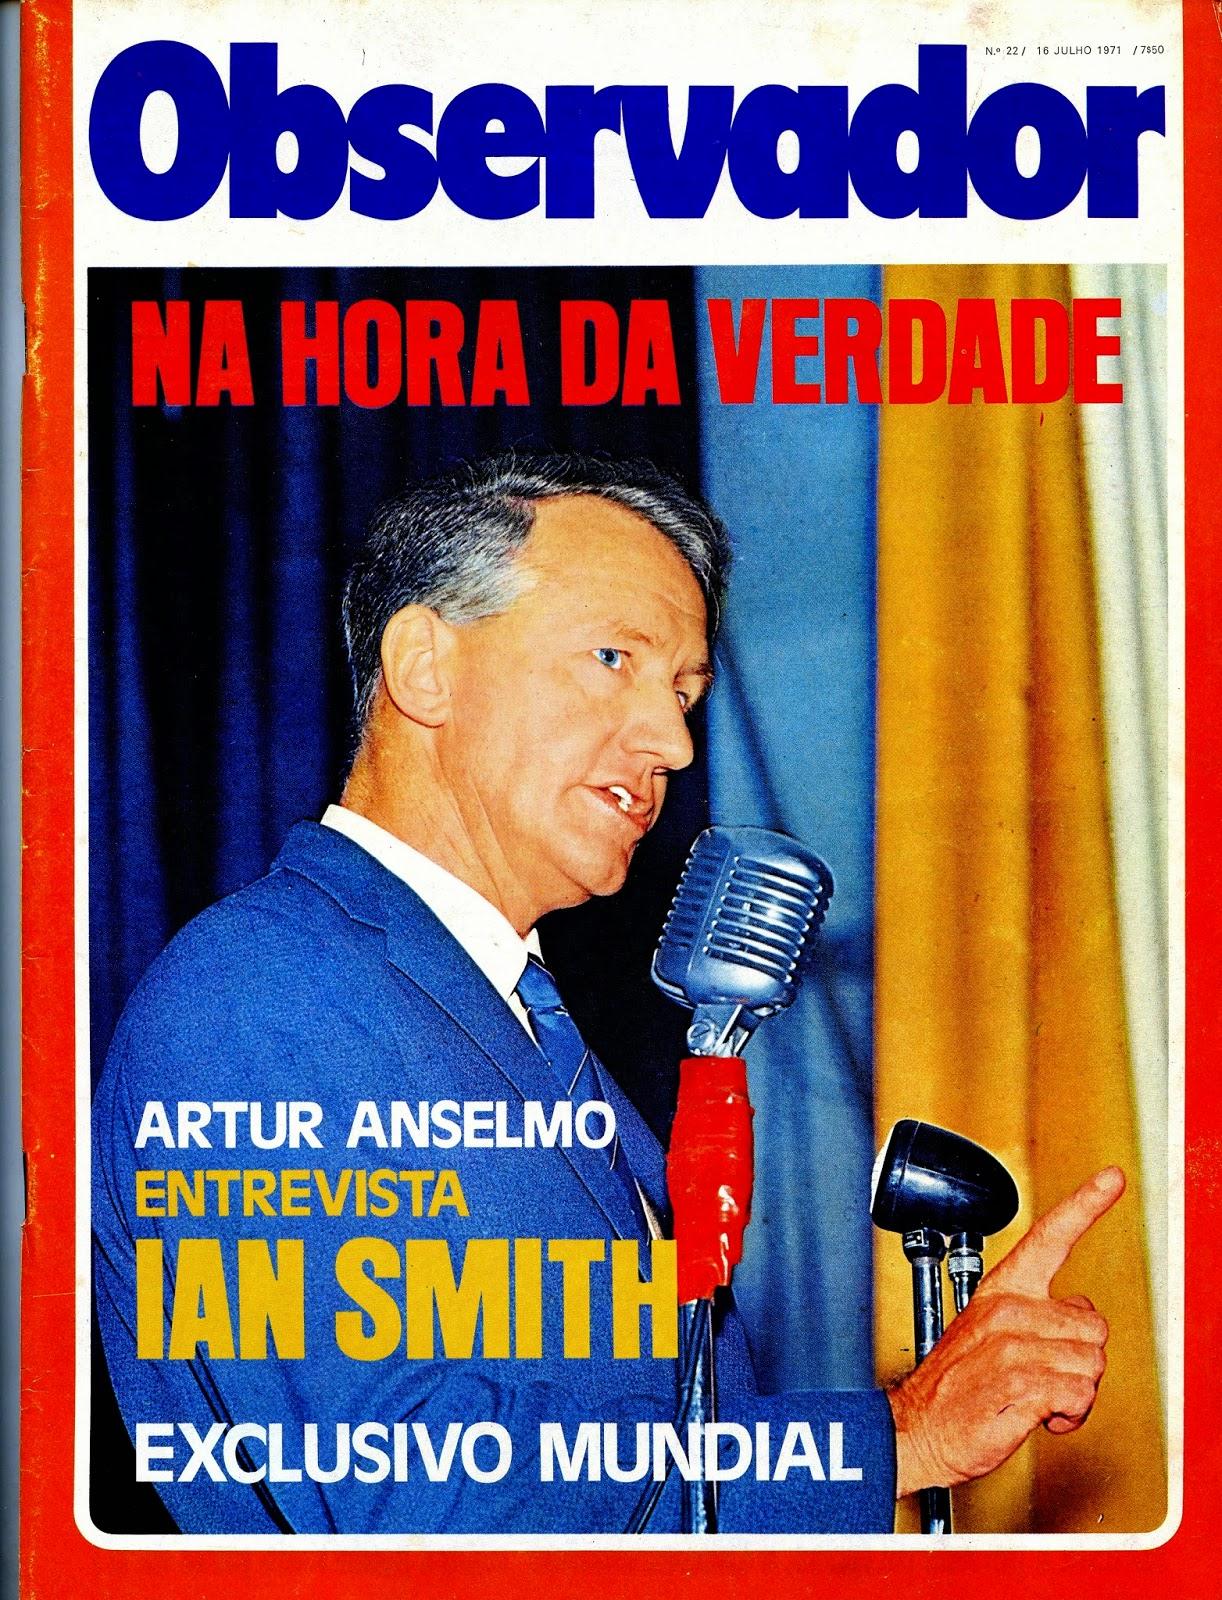 0cee3f55dc8 ... e do esquerdismo comunista e socialista então vigente em Portugal